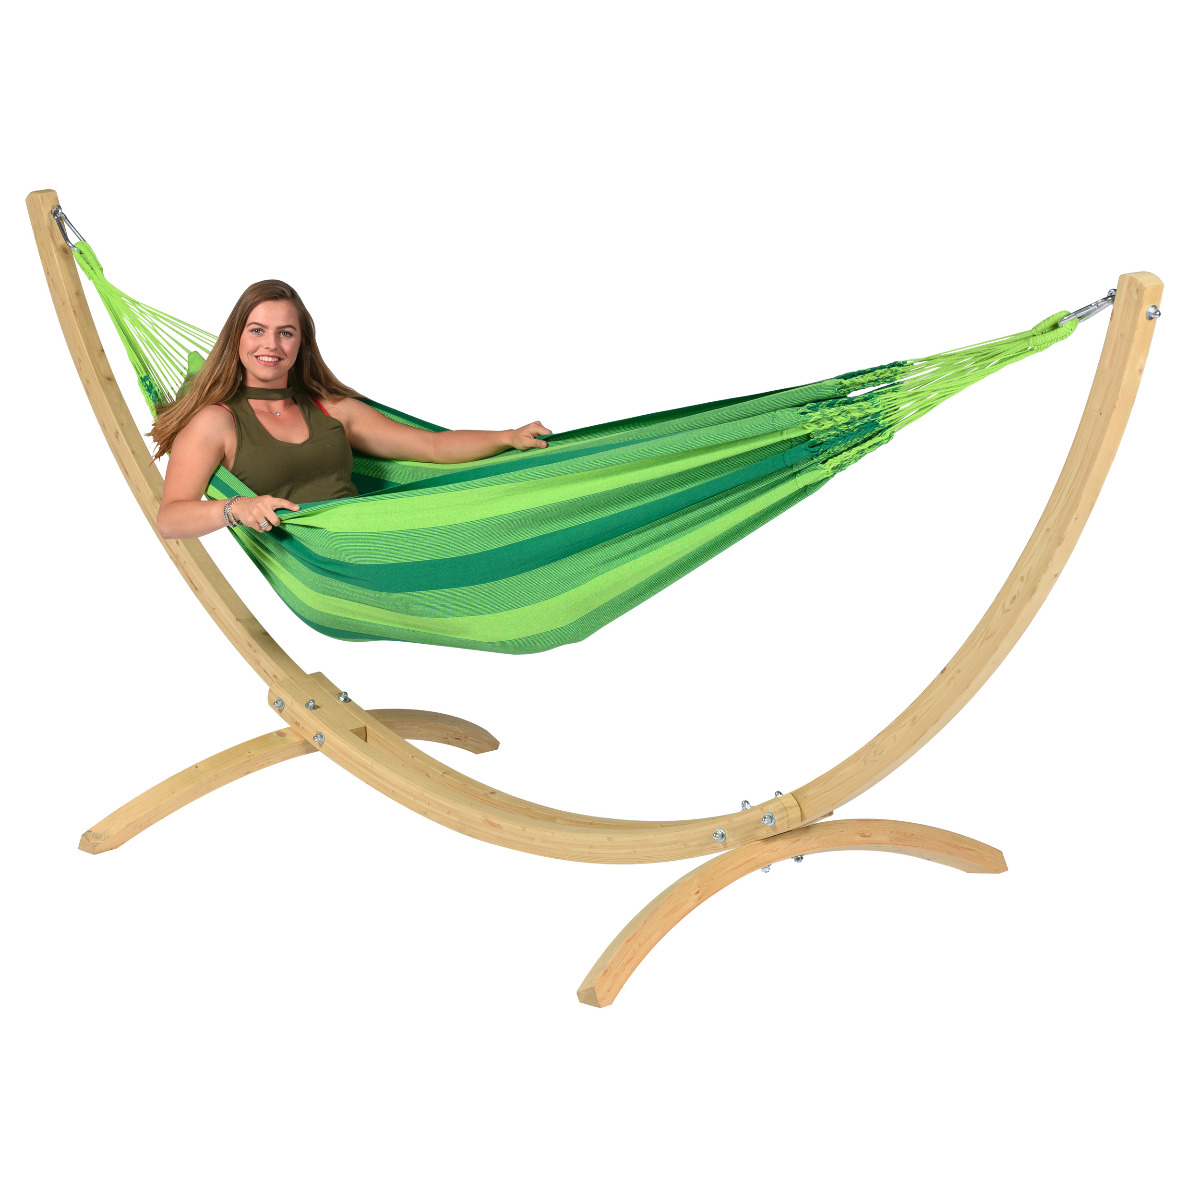 Hangmat met Standaard E�npersoons 'Wood & Dream' Green - Groen - Tropilex �